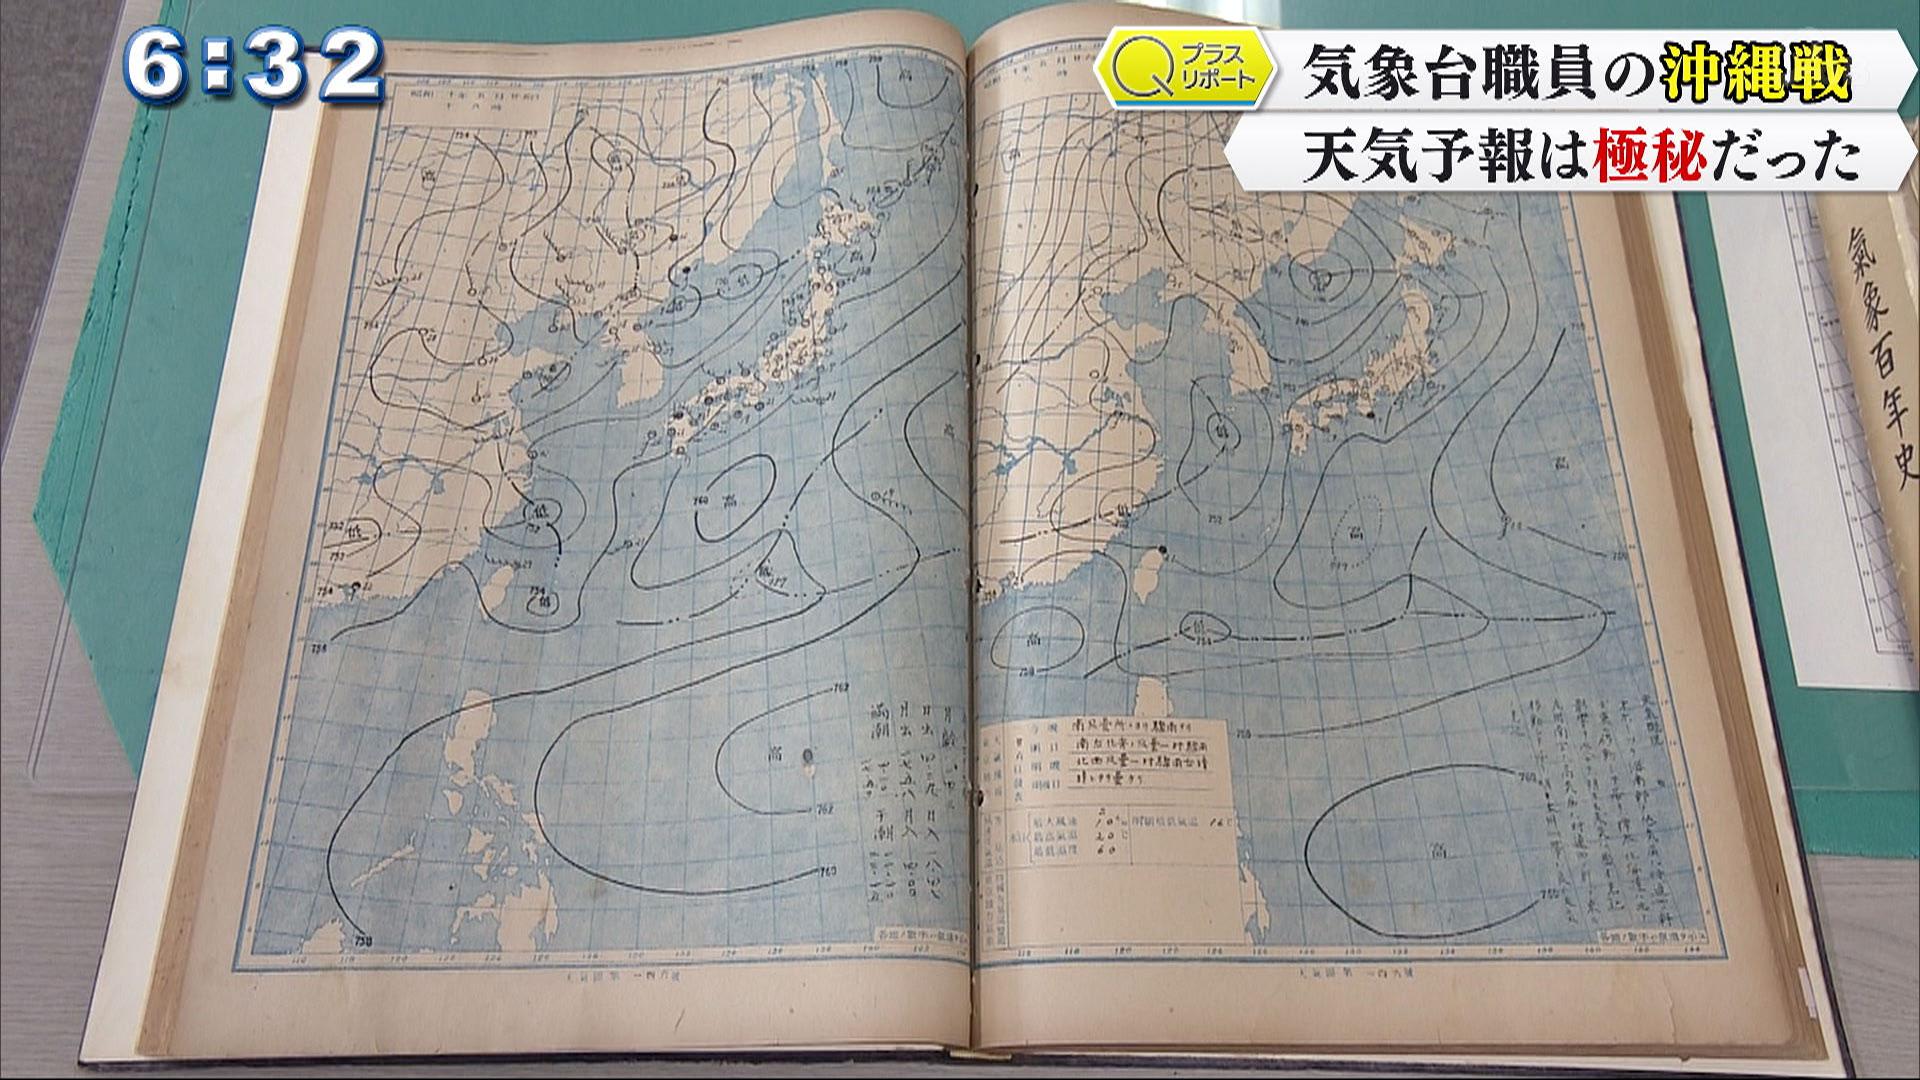 もう一つの沖縄戦 観測続けた気象職員たち